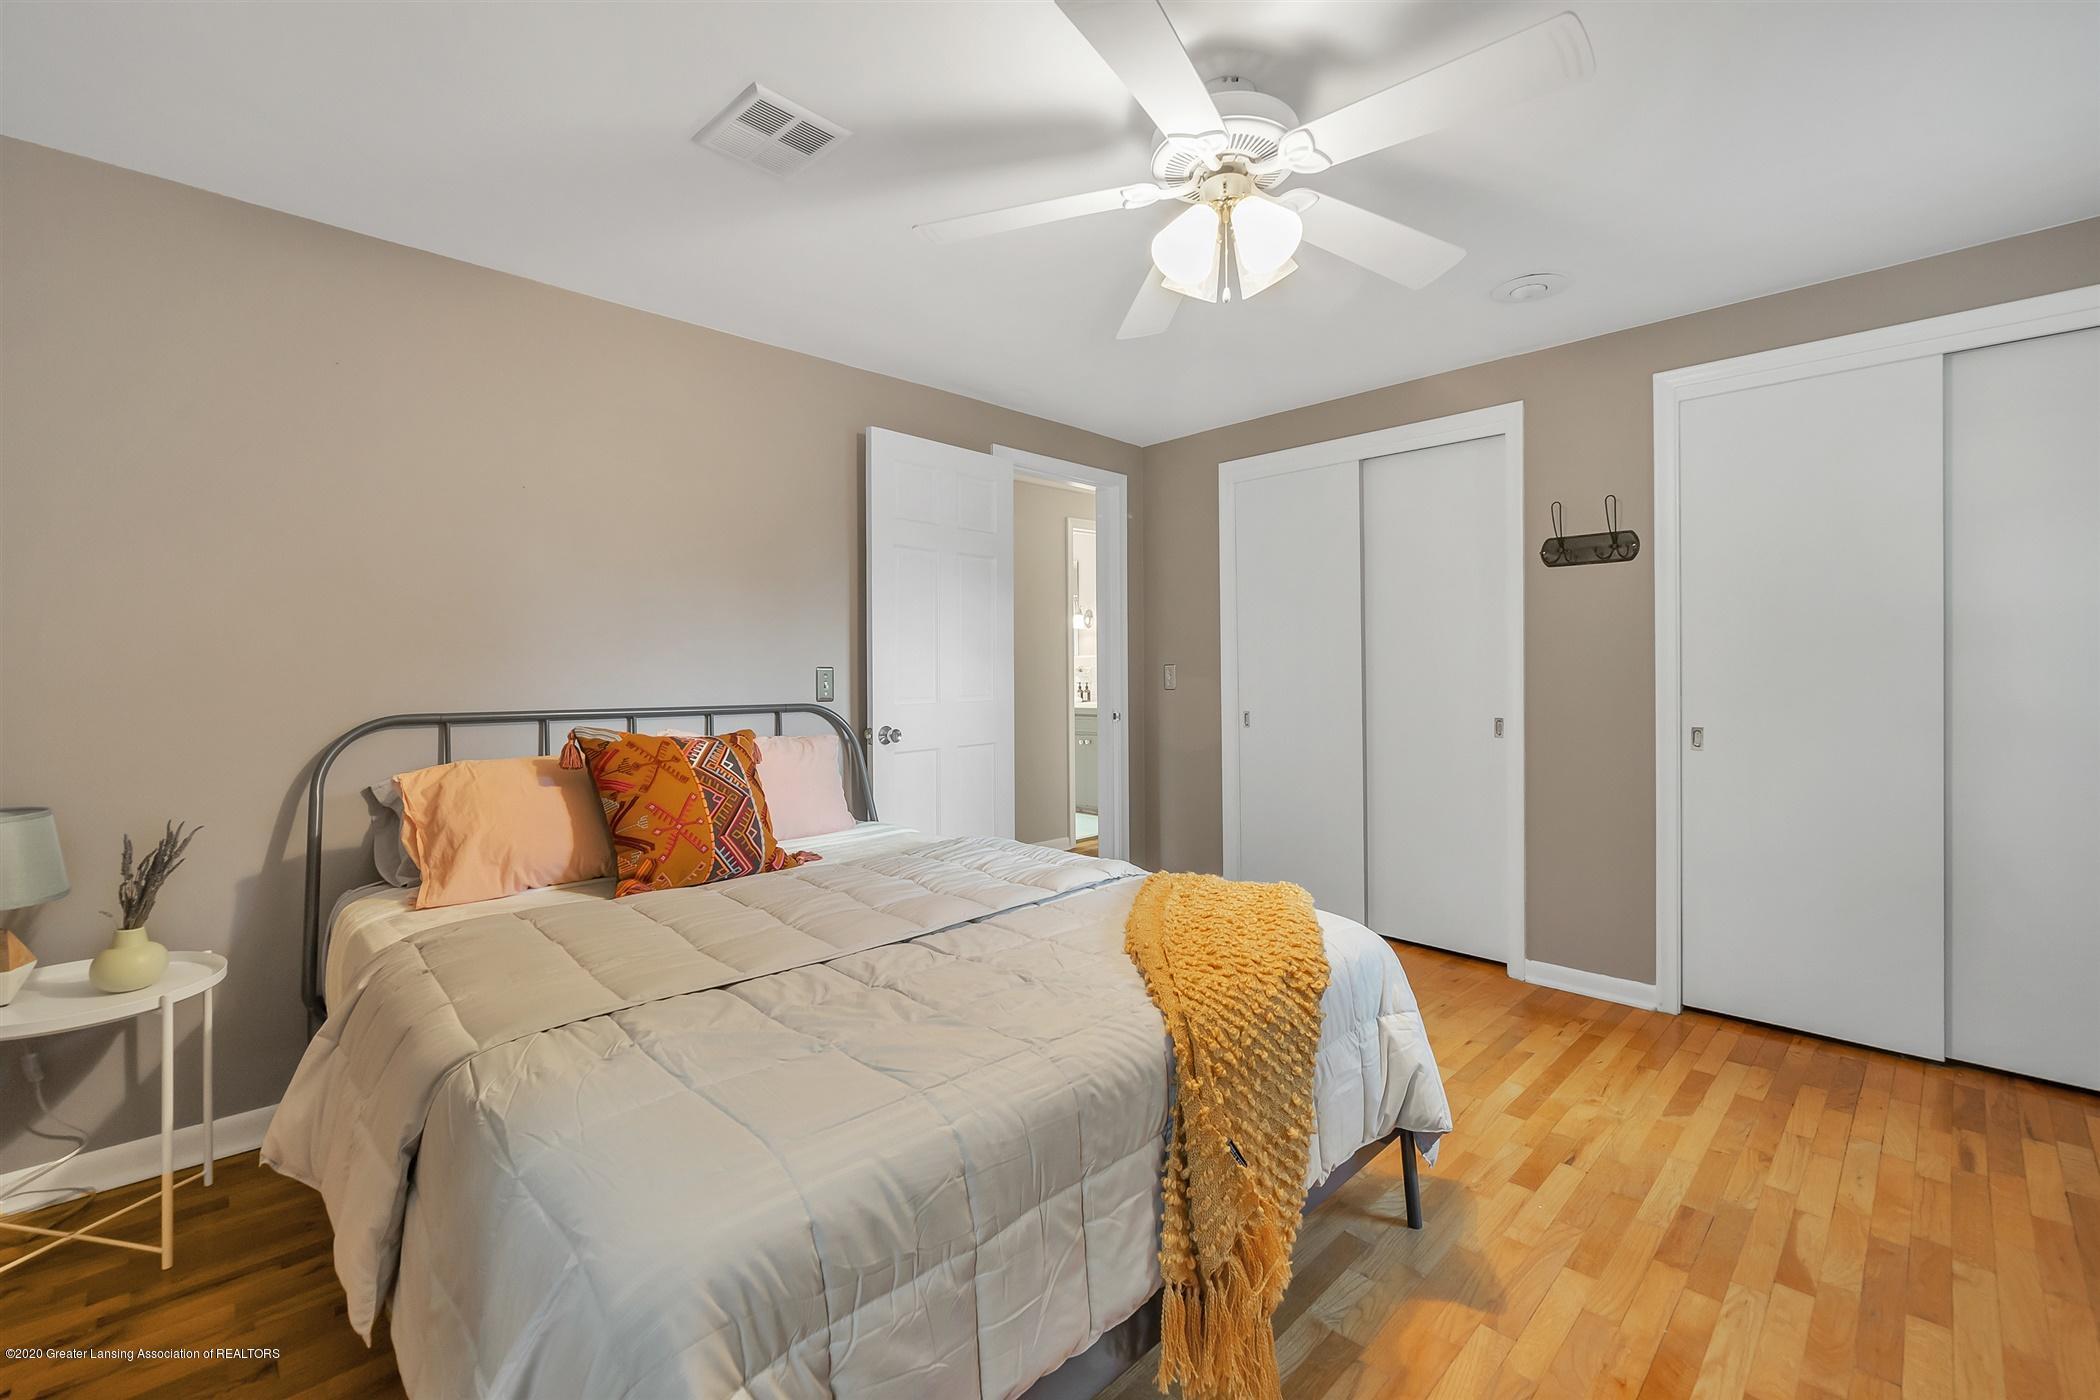 6069 Skyline Dr - (26) SECOND FLOOR Bedroom 2 - 25